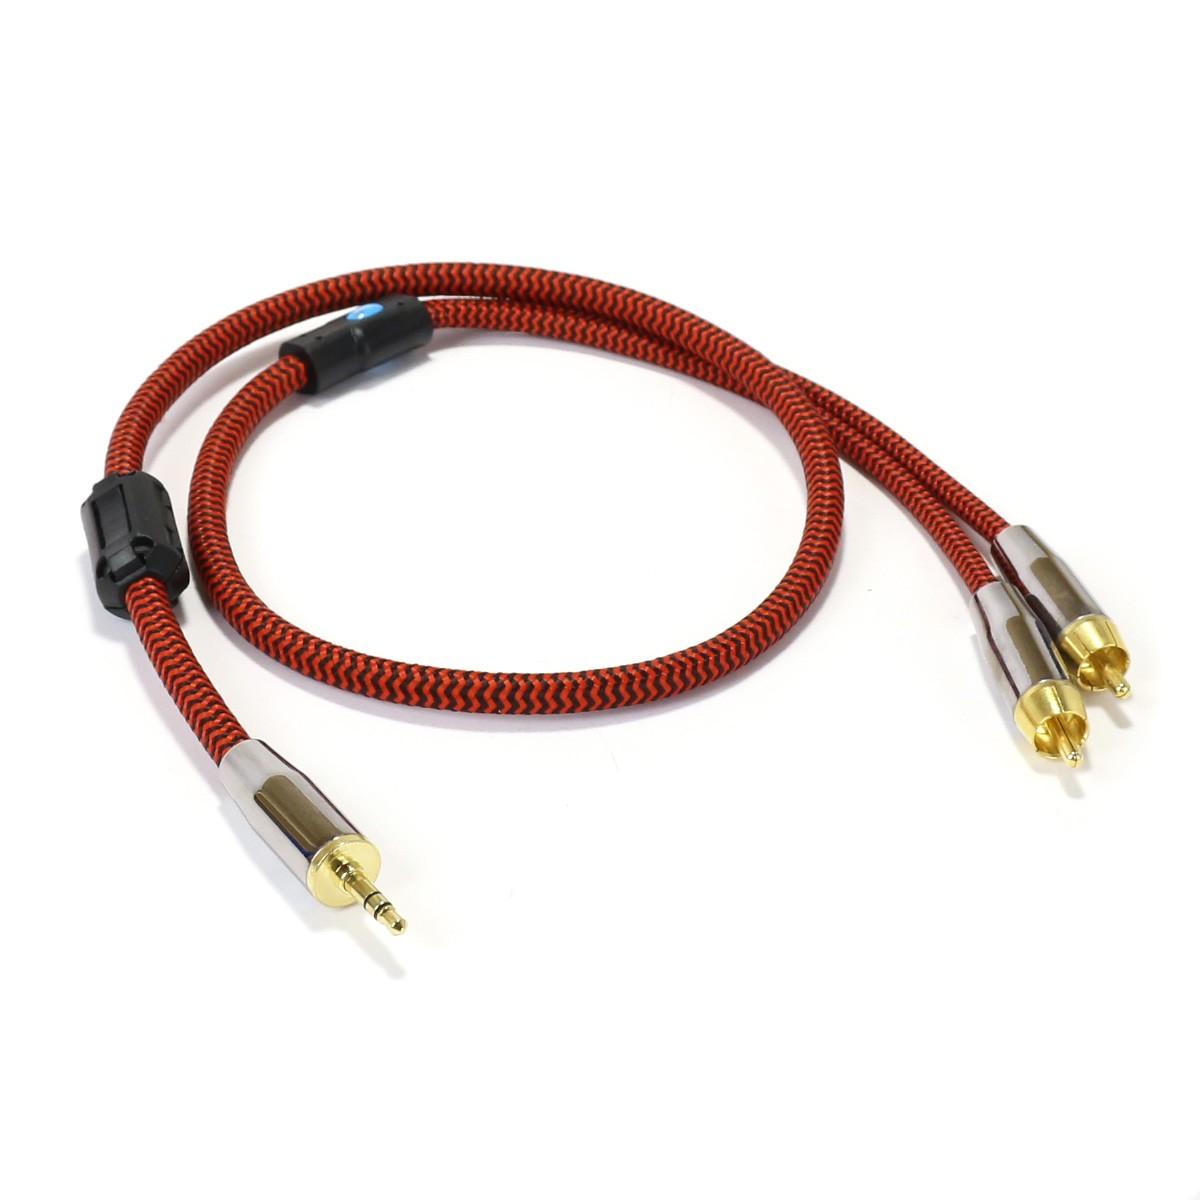 CYK Câble de modulation Jack 3.5mm - RCA Cuivre OFC 24K 0.75m